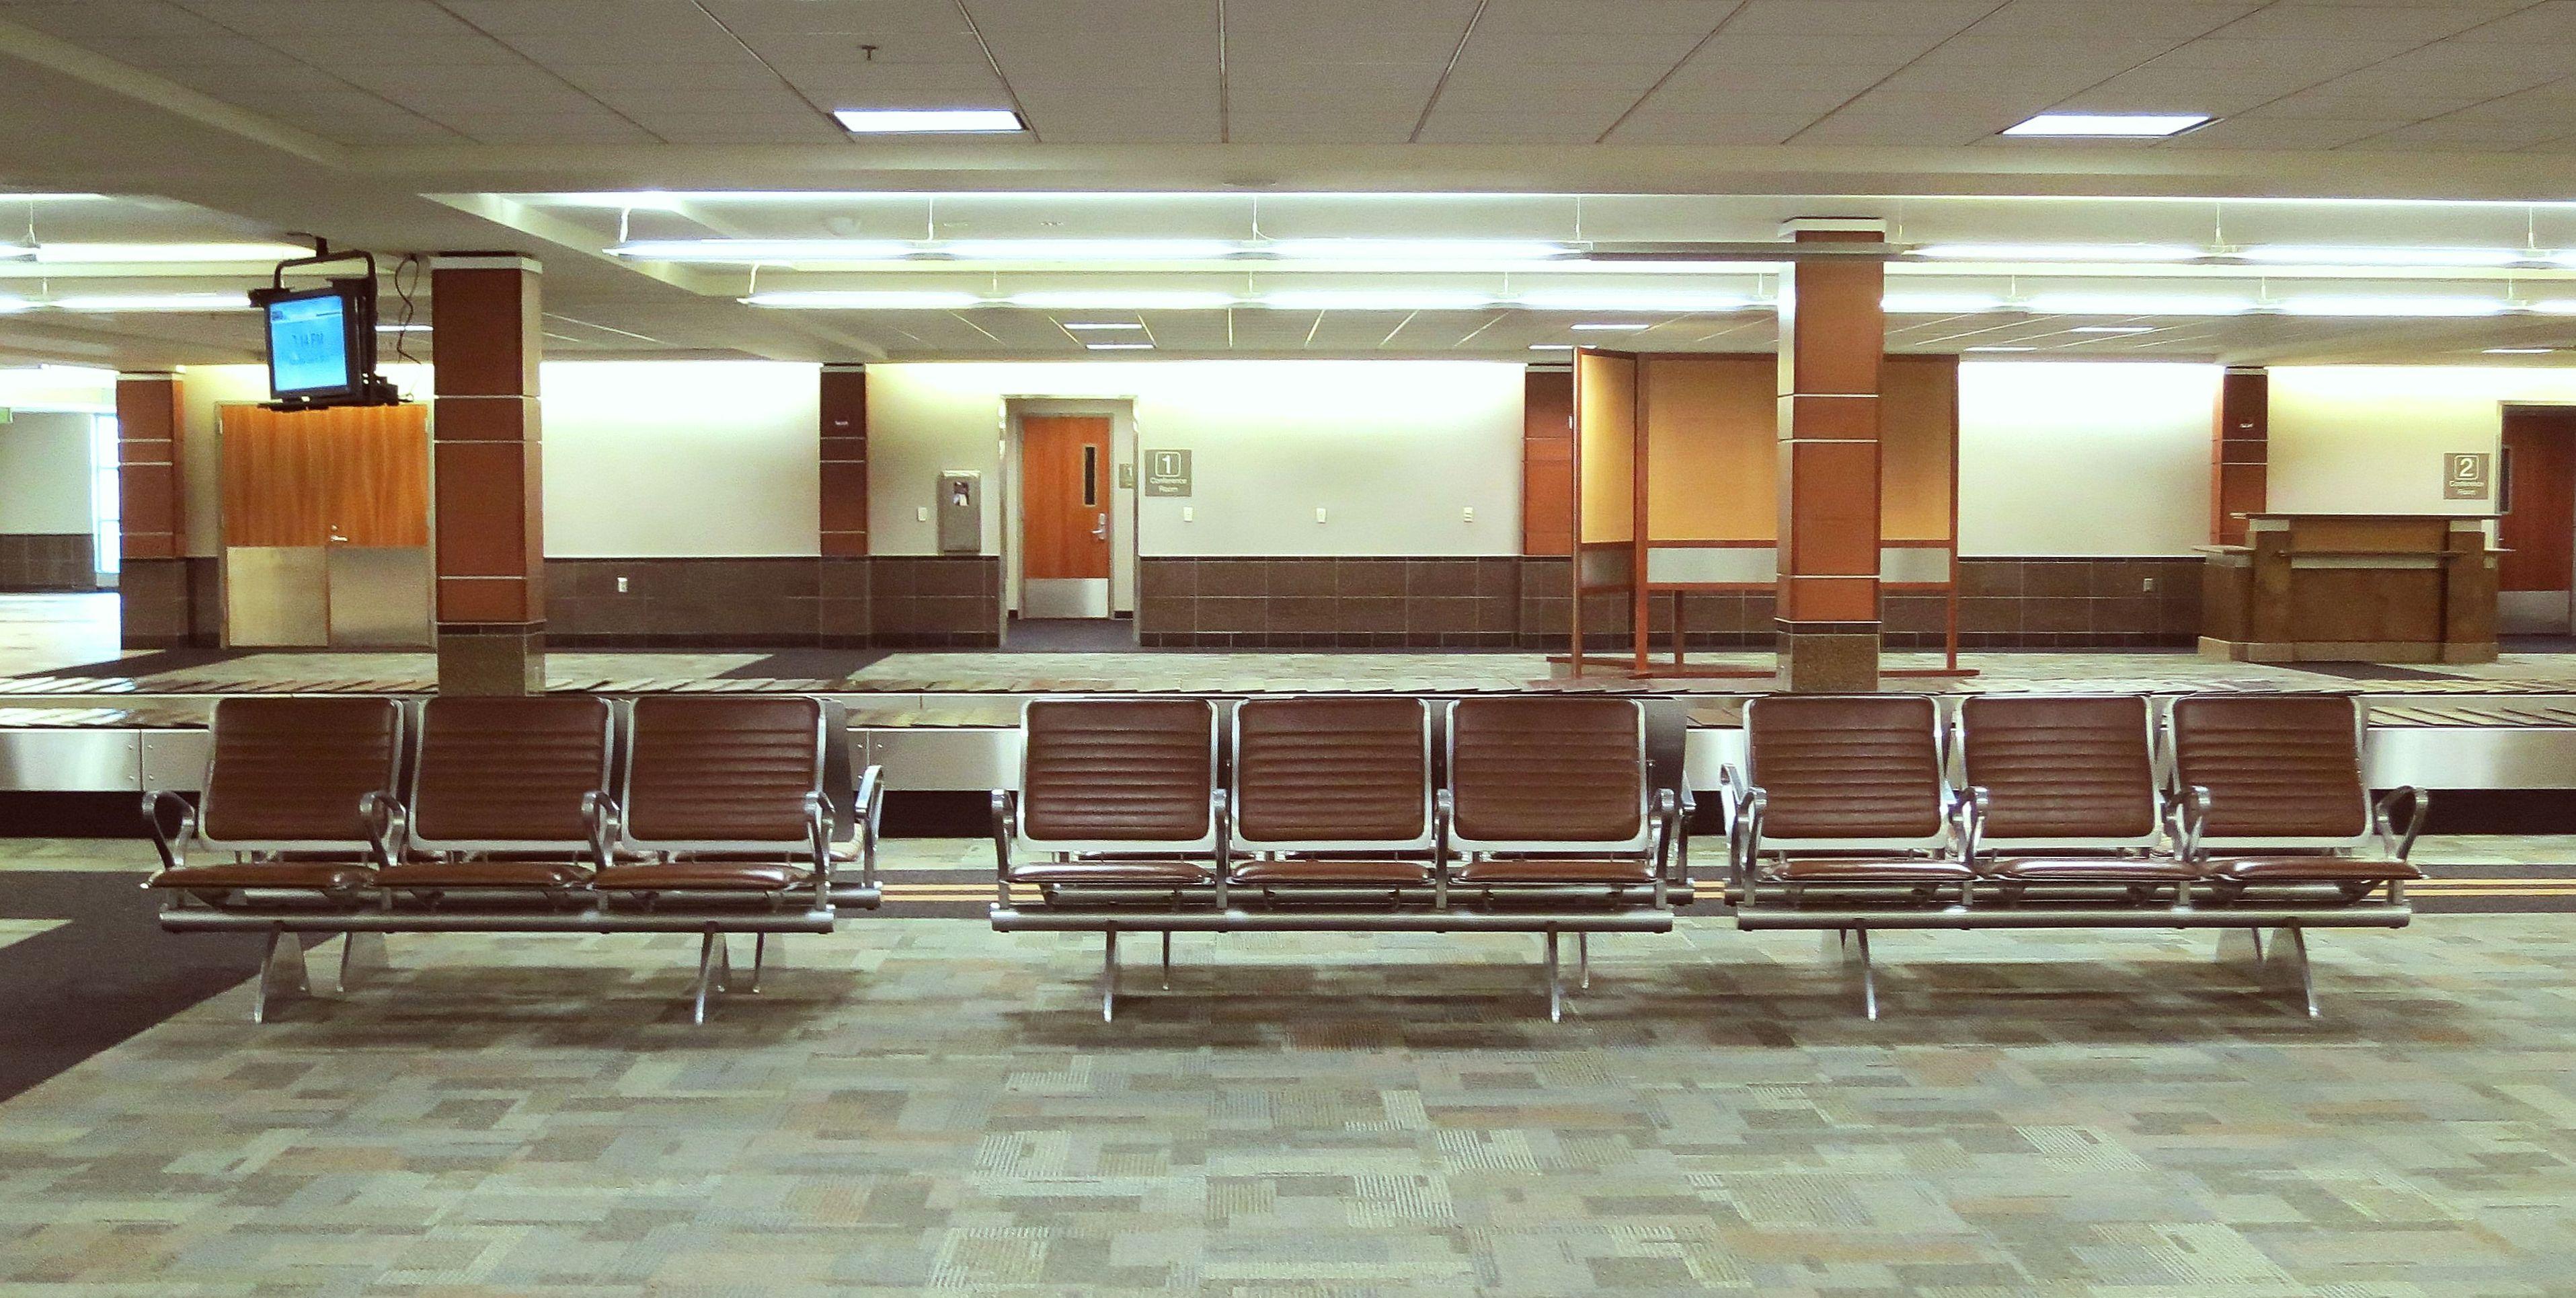 Hintergrundbilder tabelle sessel braun cafeteria for Halle innenarchitektur